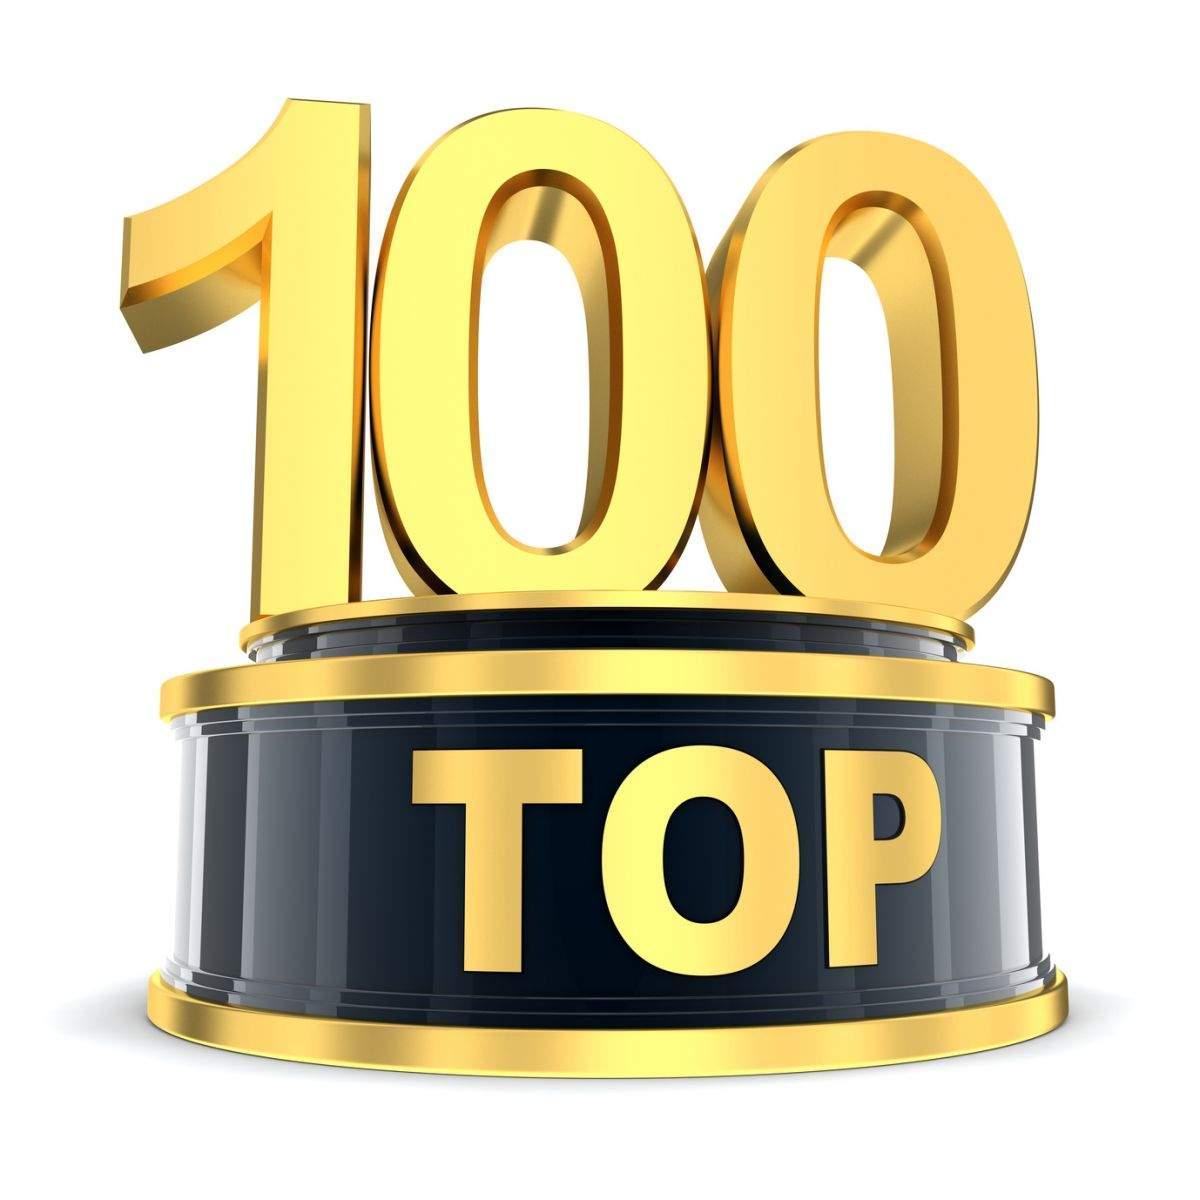 Actualit Le Site Dans Le Top 100 Fran Ais Club